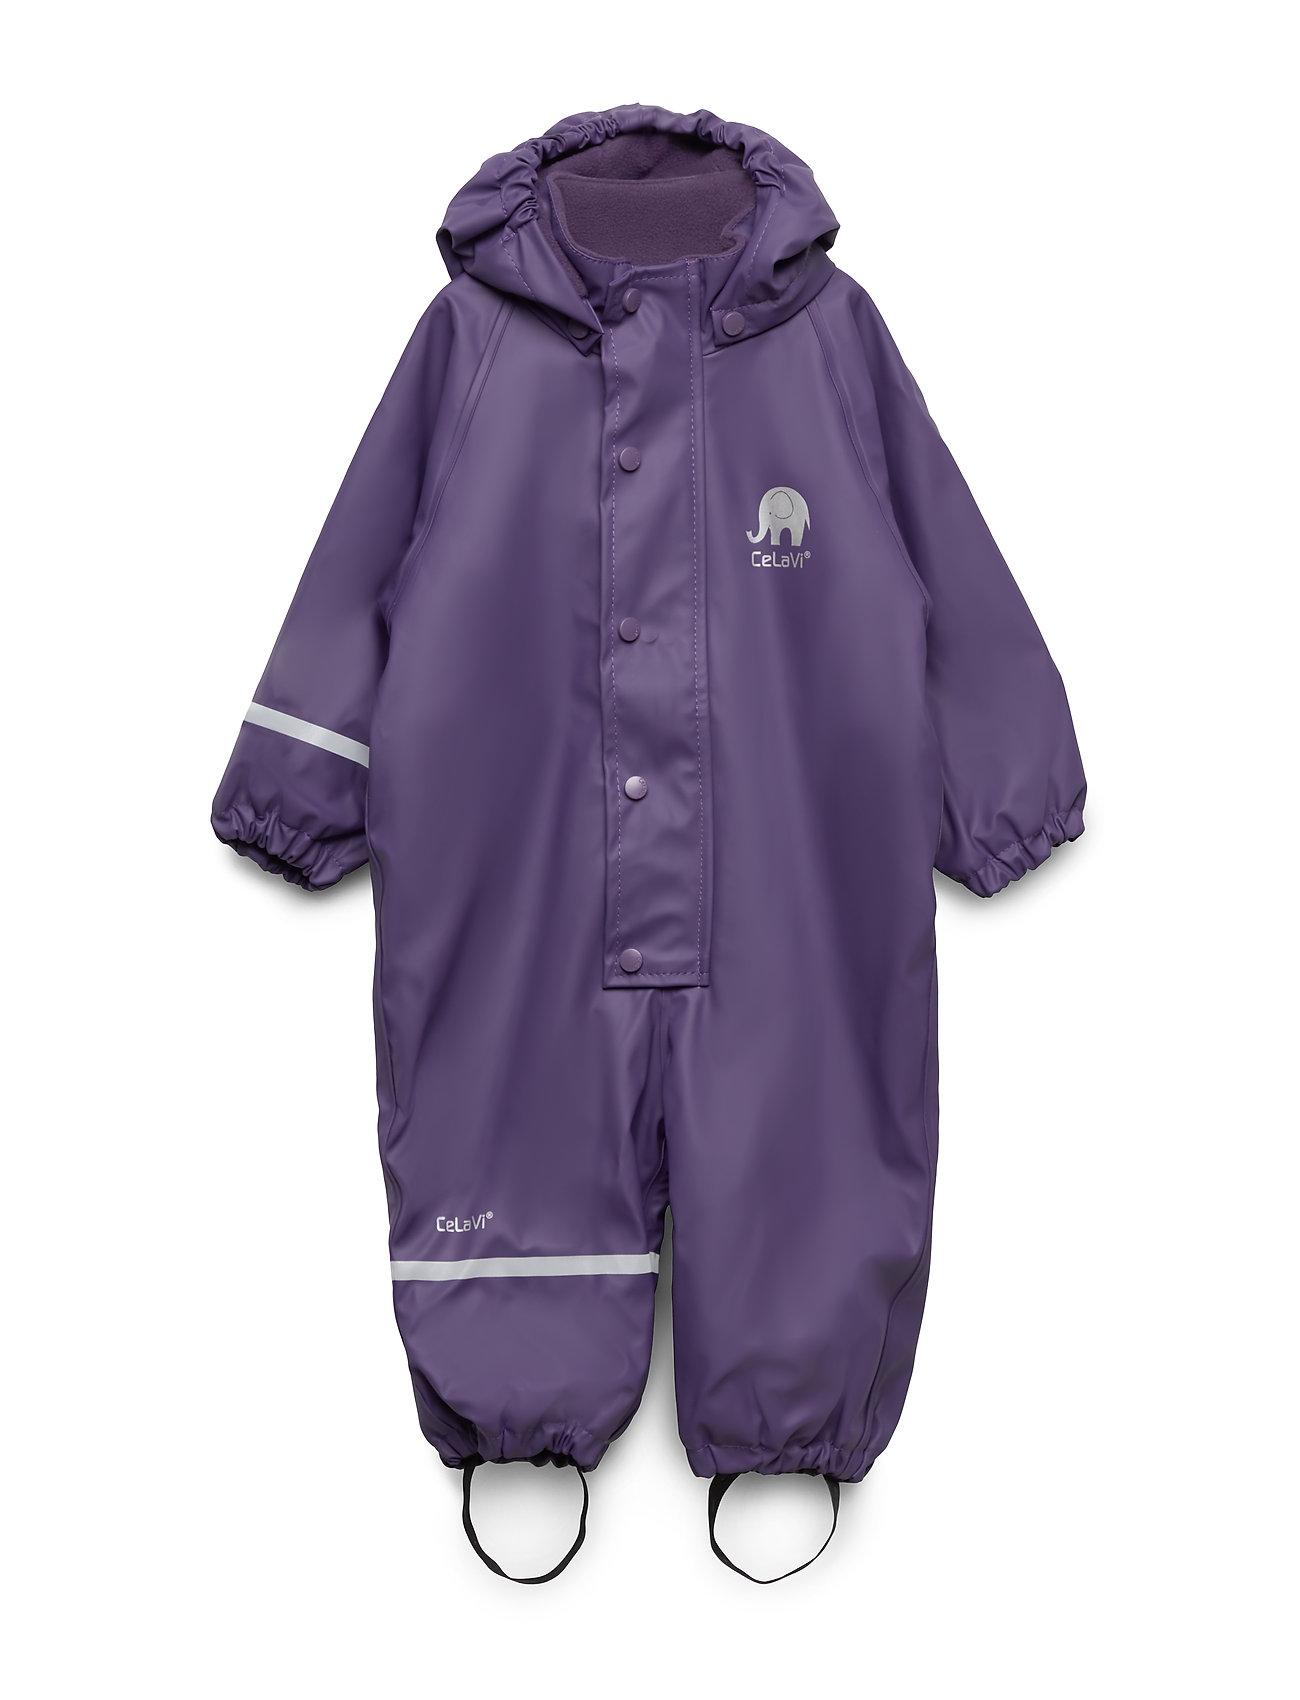 CeLaVi Rainwear suit - w.fleece - MULLED GRAP